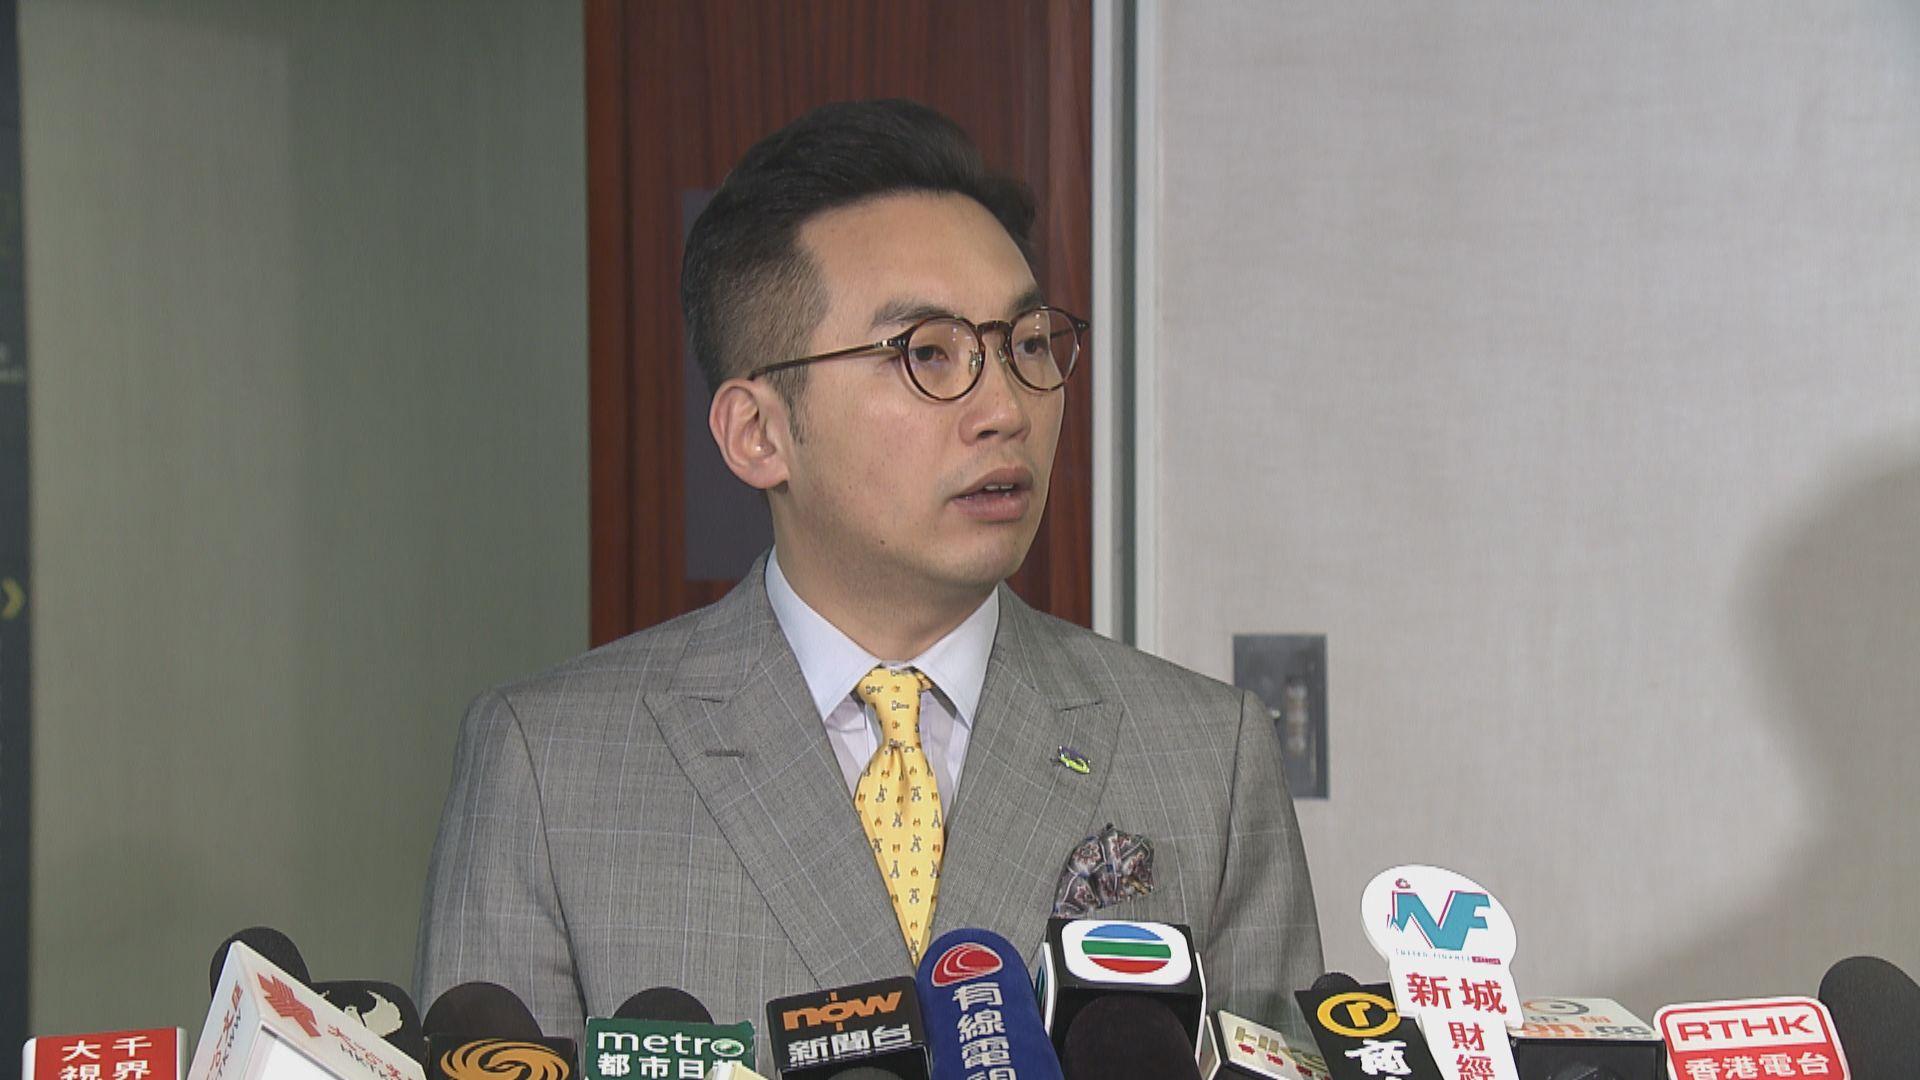 楊岳橋:民主派外訪只是表述香港實況